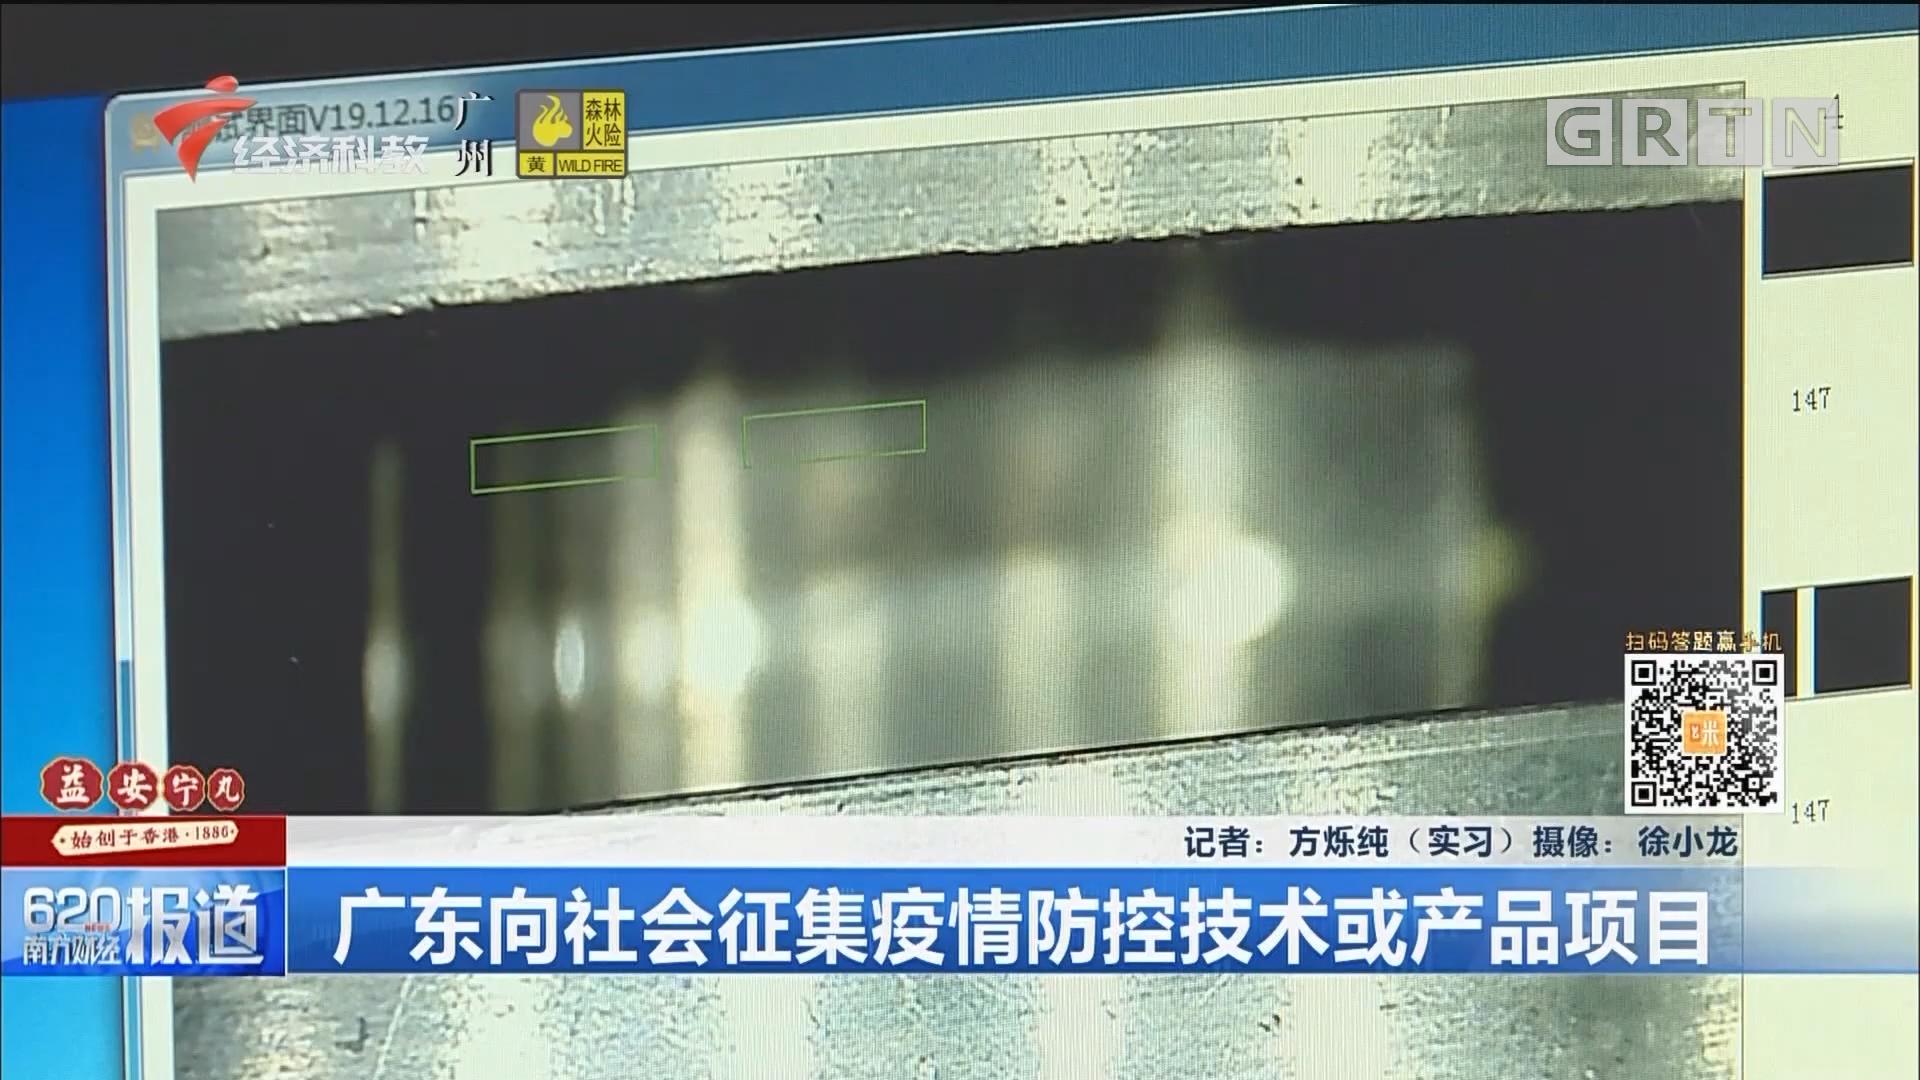 广东向社会征集疫情防控技术或产品项目